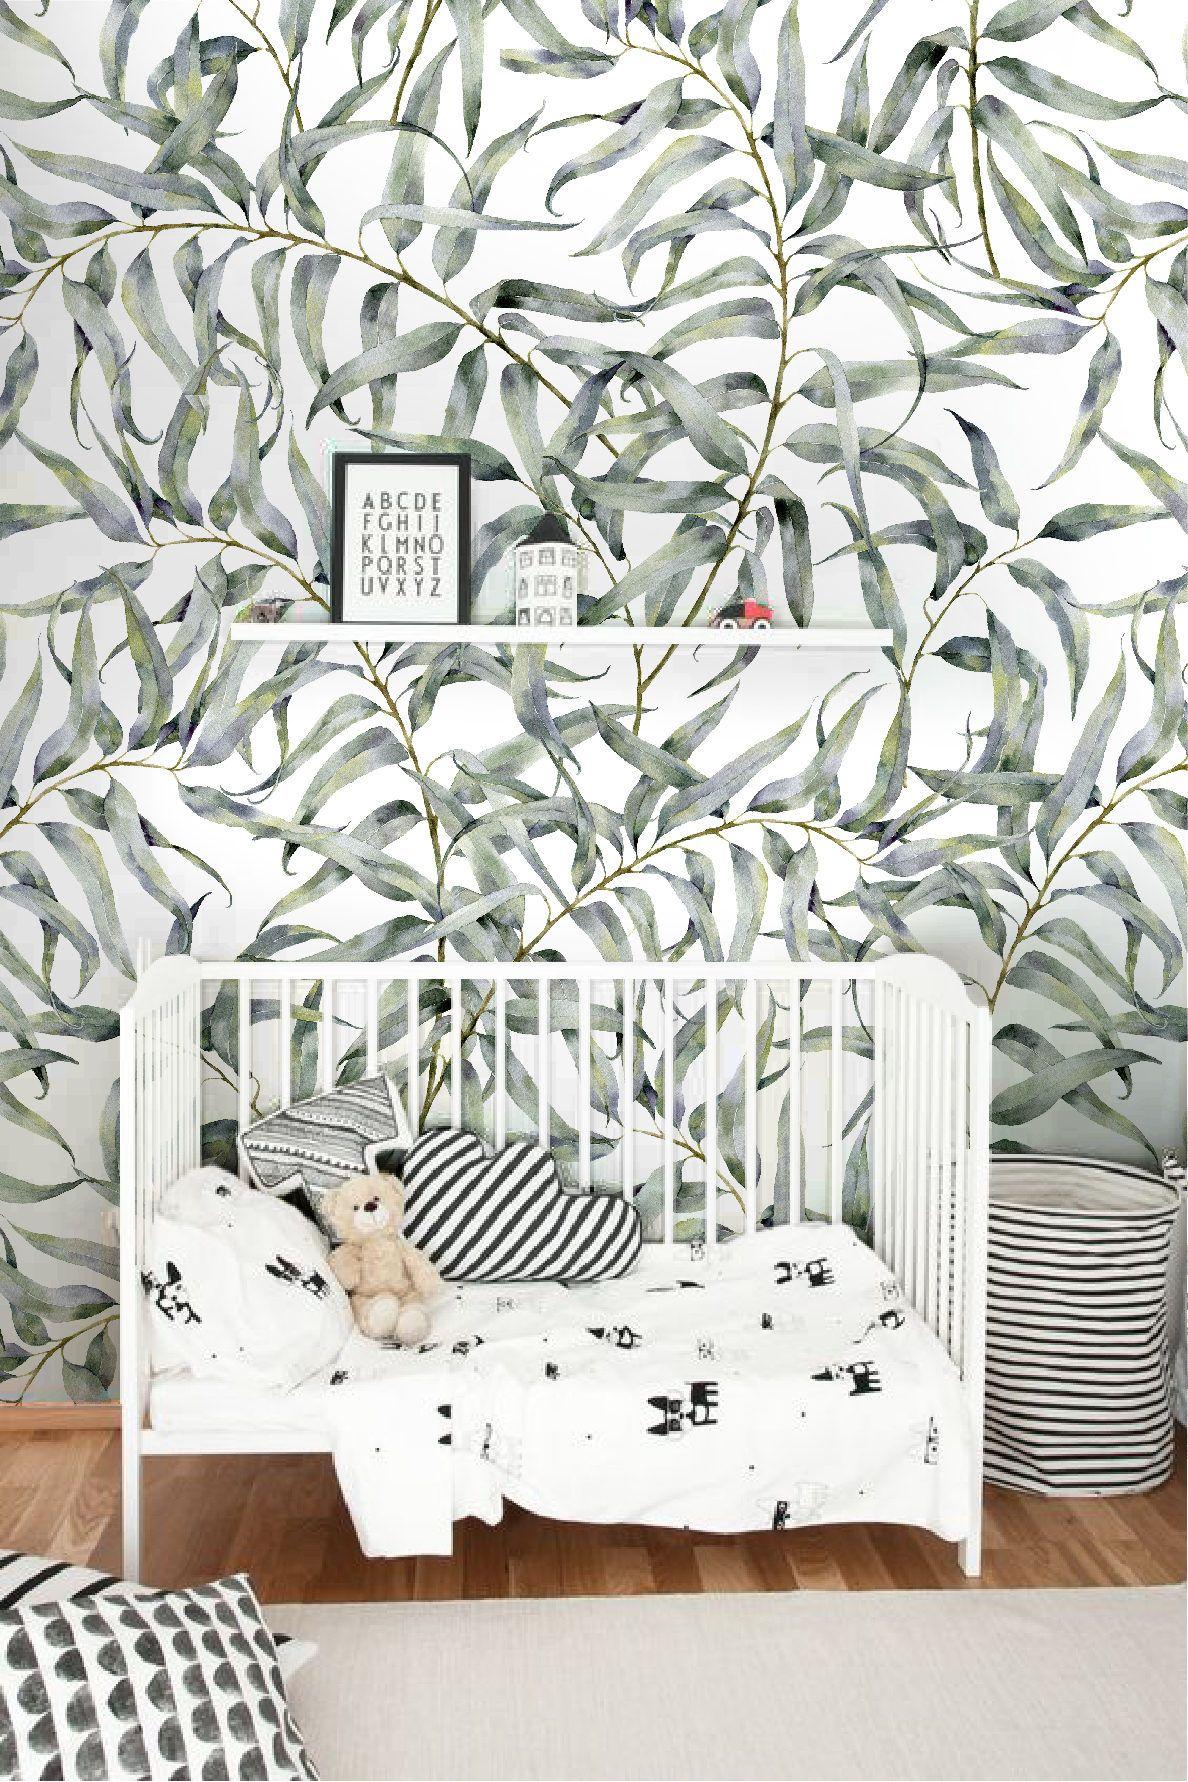 Le Papier Peint Est Il Recyclable papier peint amovible feuille d'eucalyptus, jungle papier